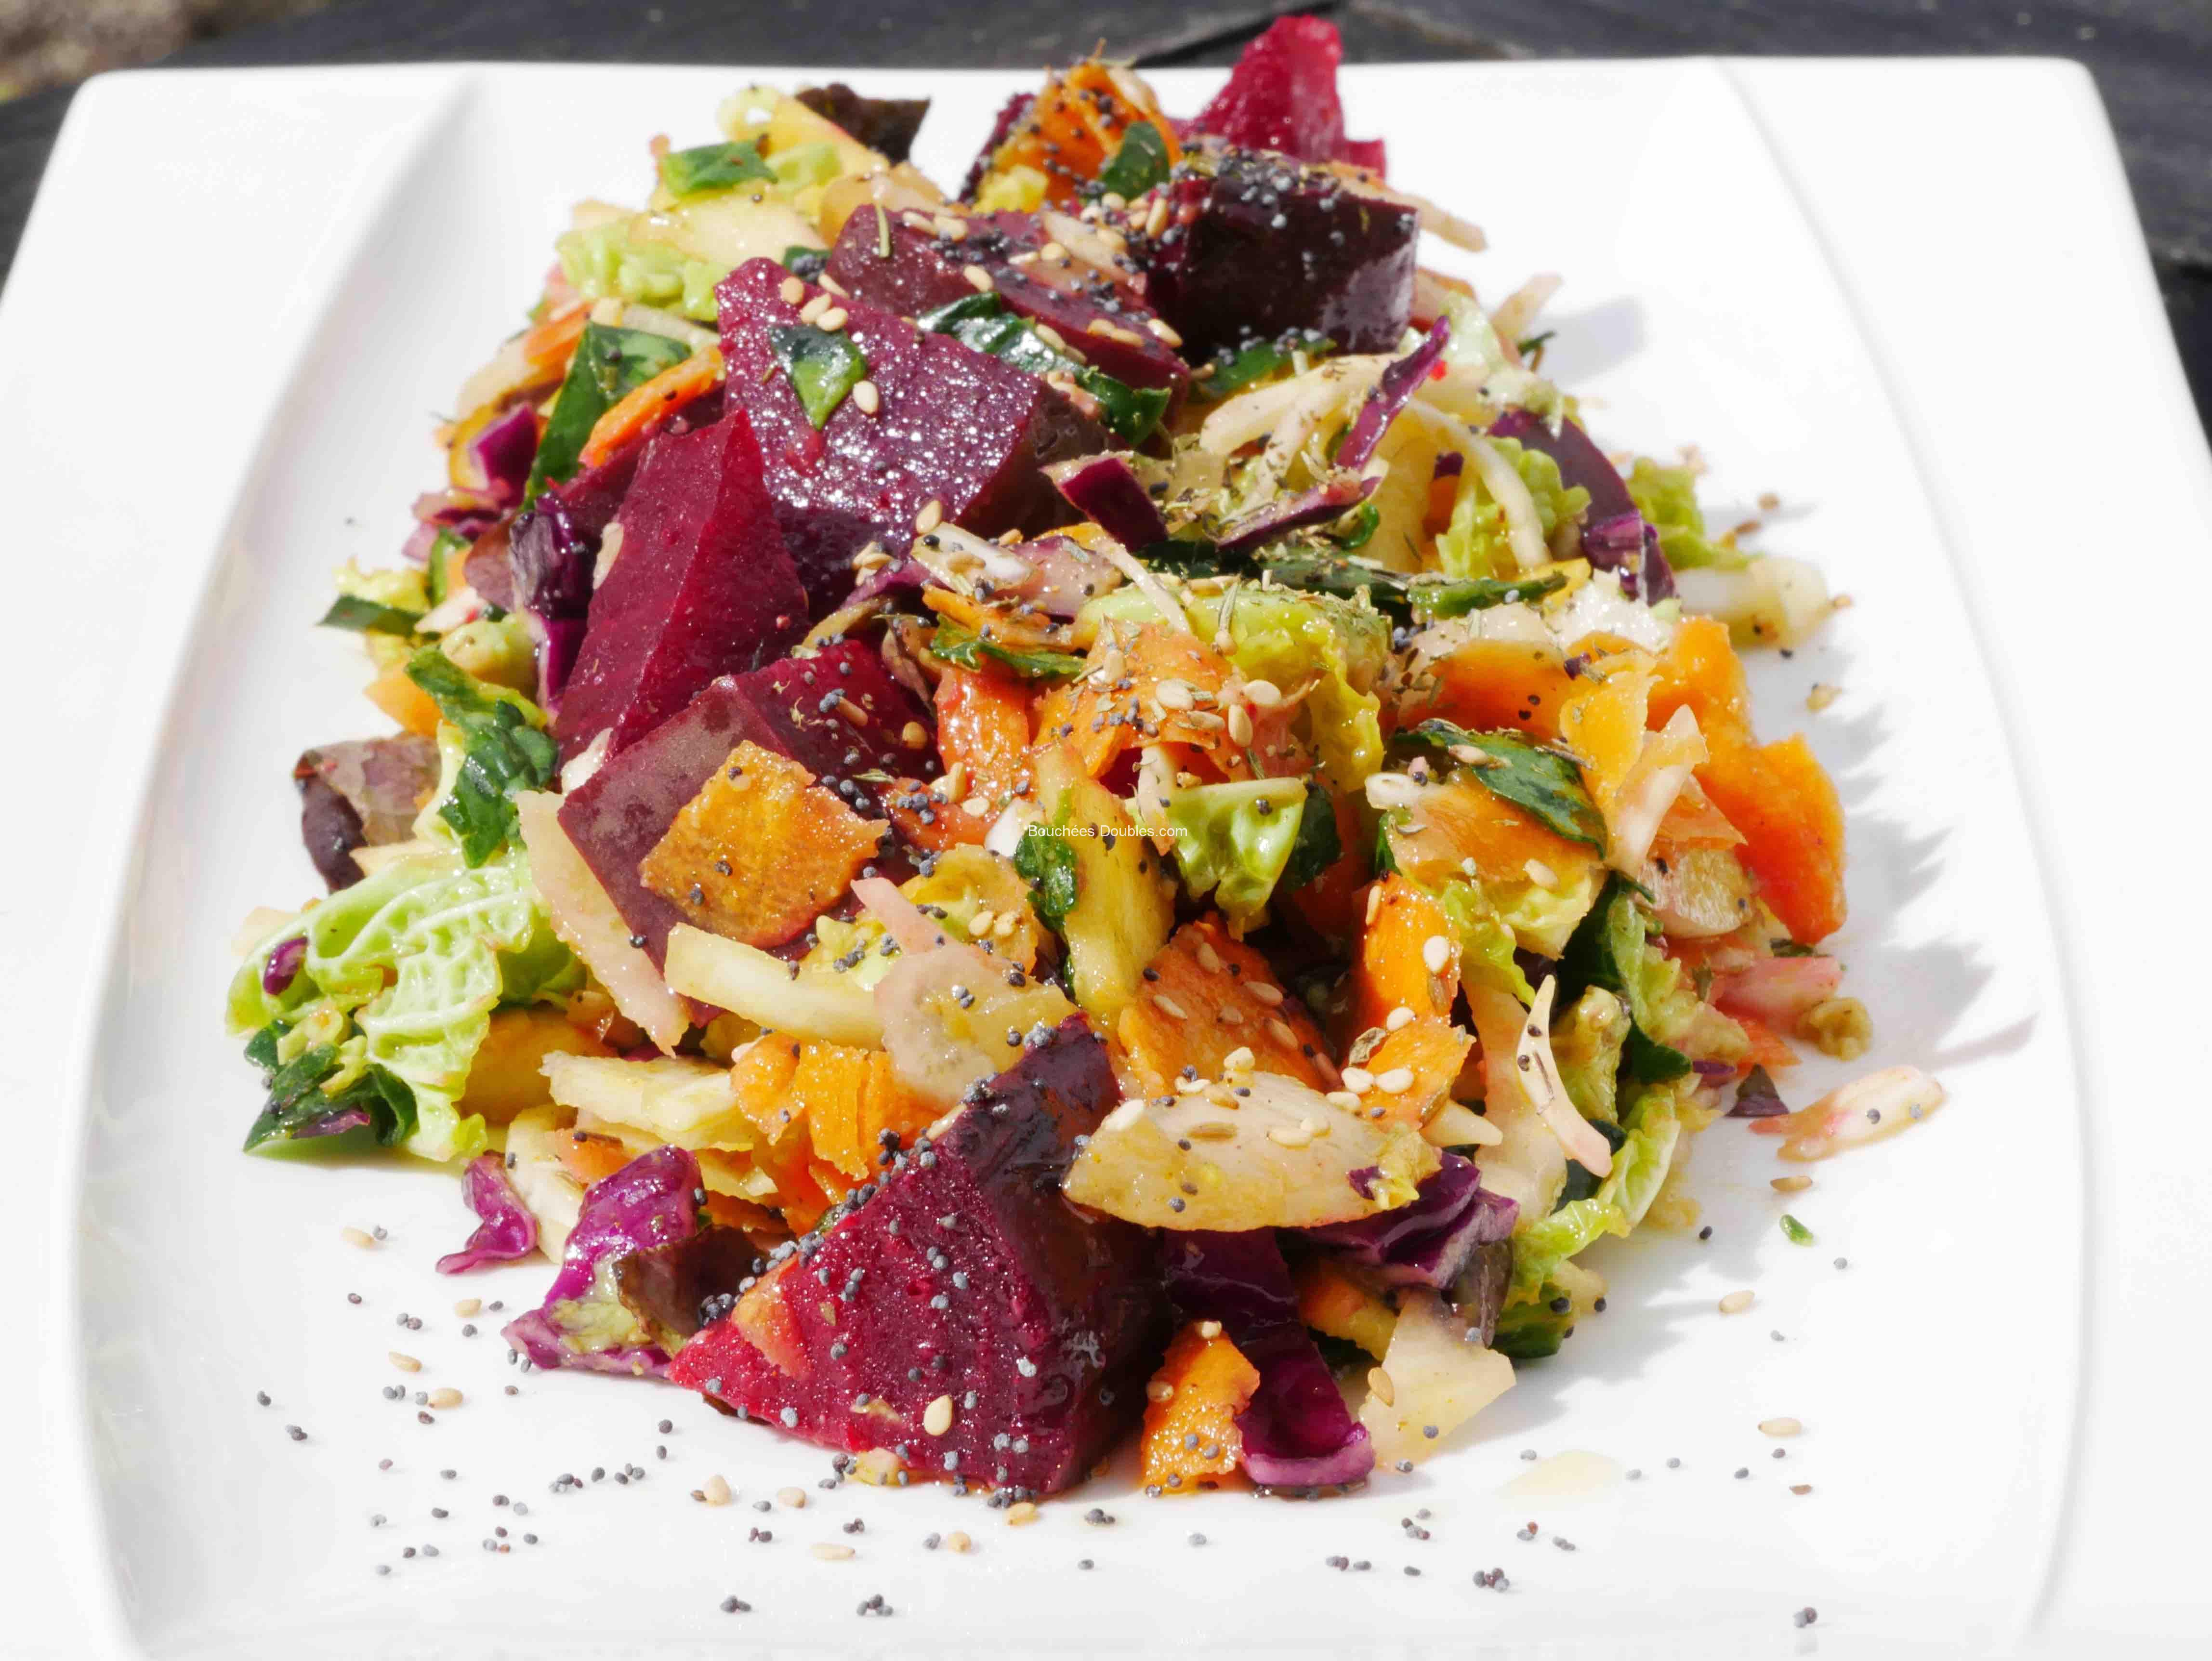 Salade composée de dix légumes et fruits